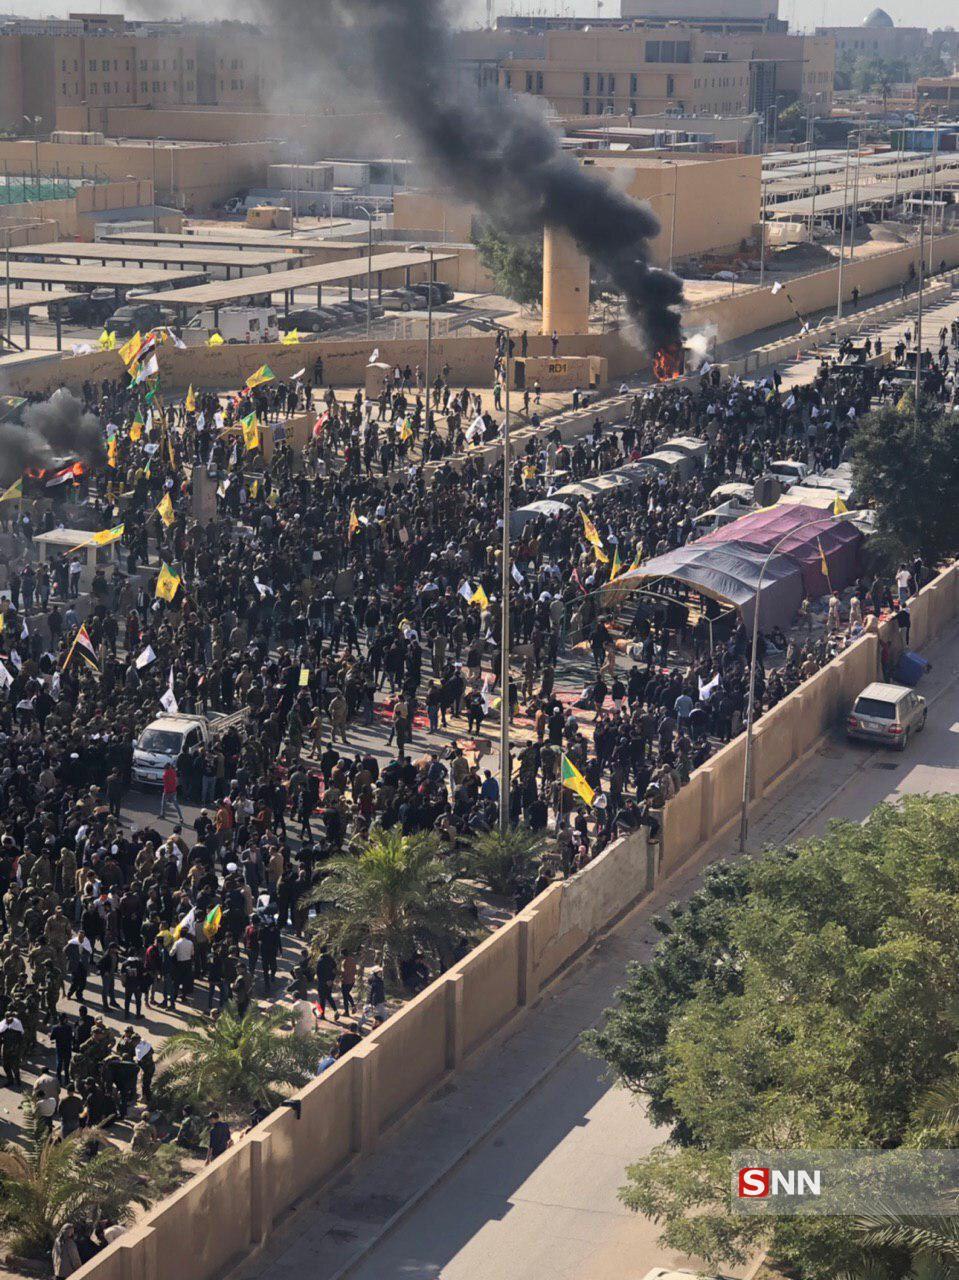 سفارت آمریکا در عراق در آتش خشم مردم سوخت / دهها هزار نفر مقابل سفارت / آمریکا از تو انتقام میگیریم + فیلم و تصاویر